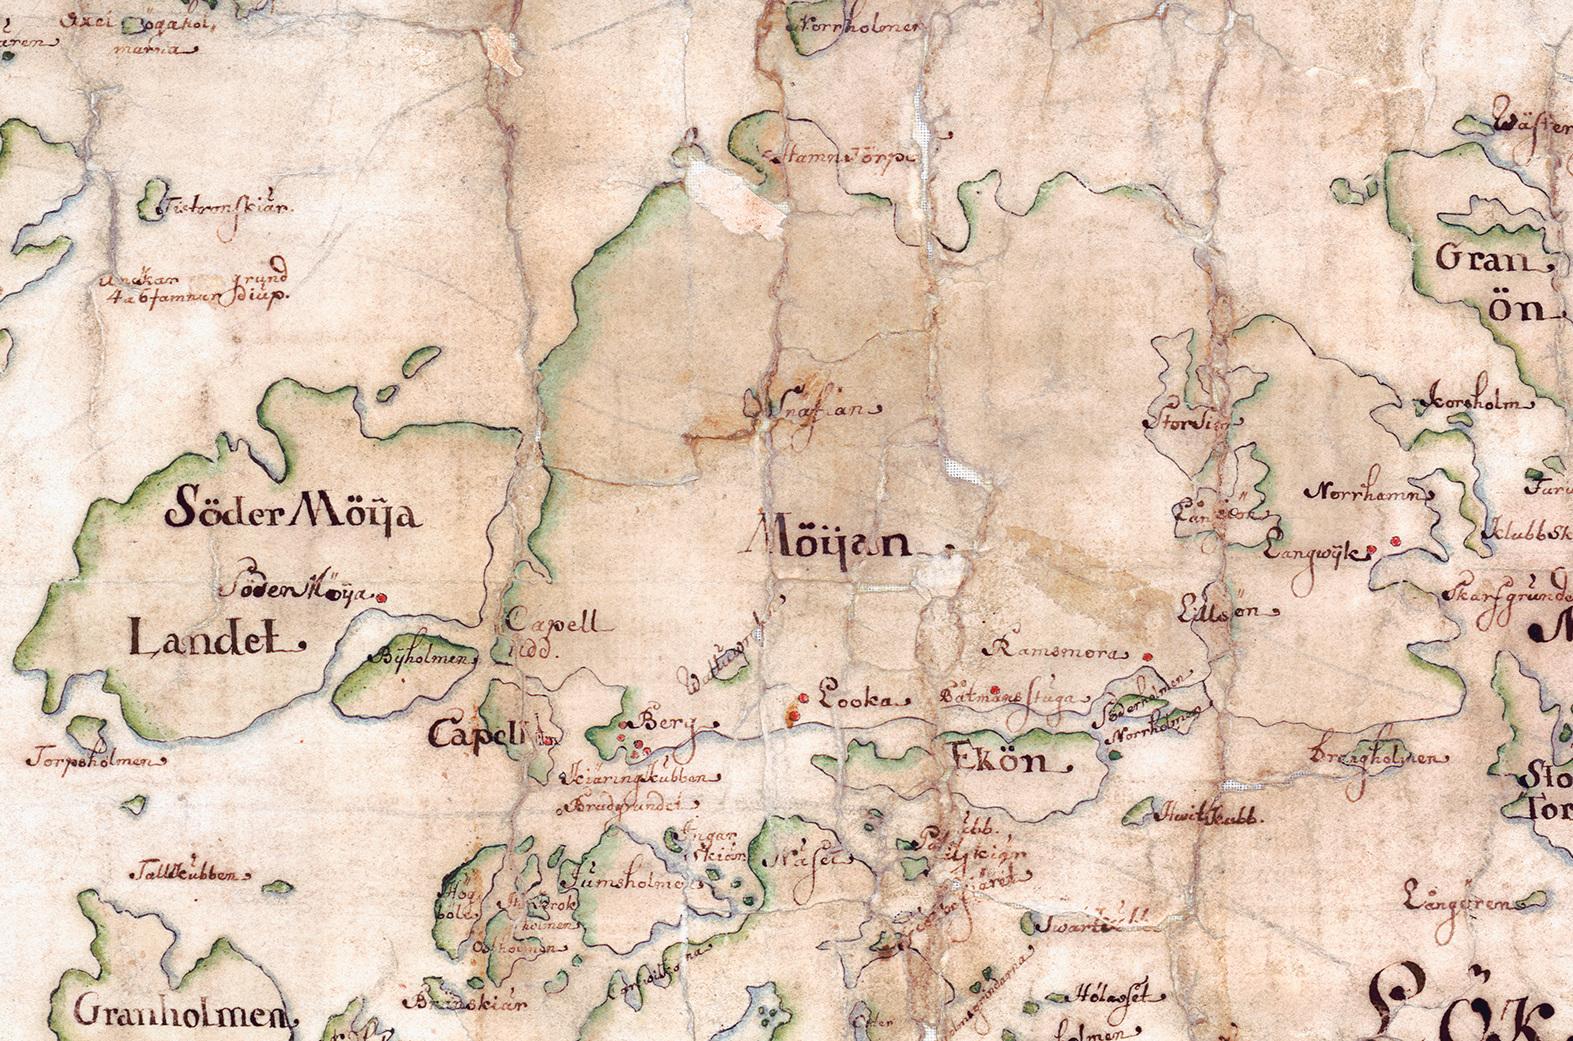 Möja och Södermöja på Carl Gripenhielms skärgårdskarta från 1690-talet. Kartan är tyvärr skadad i denna del. Väderstrecken är förvridna.